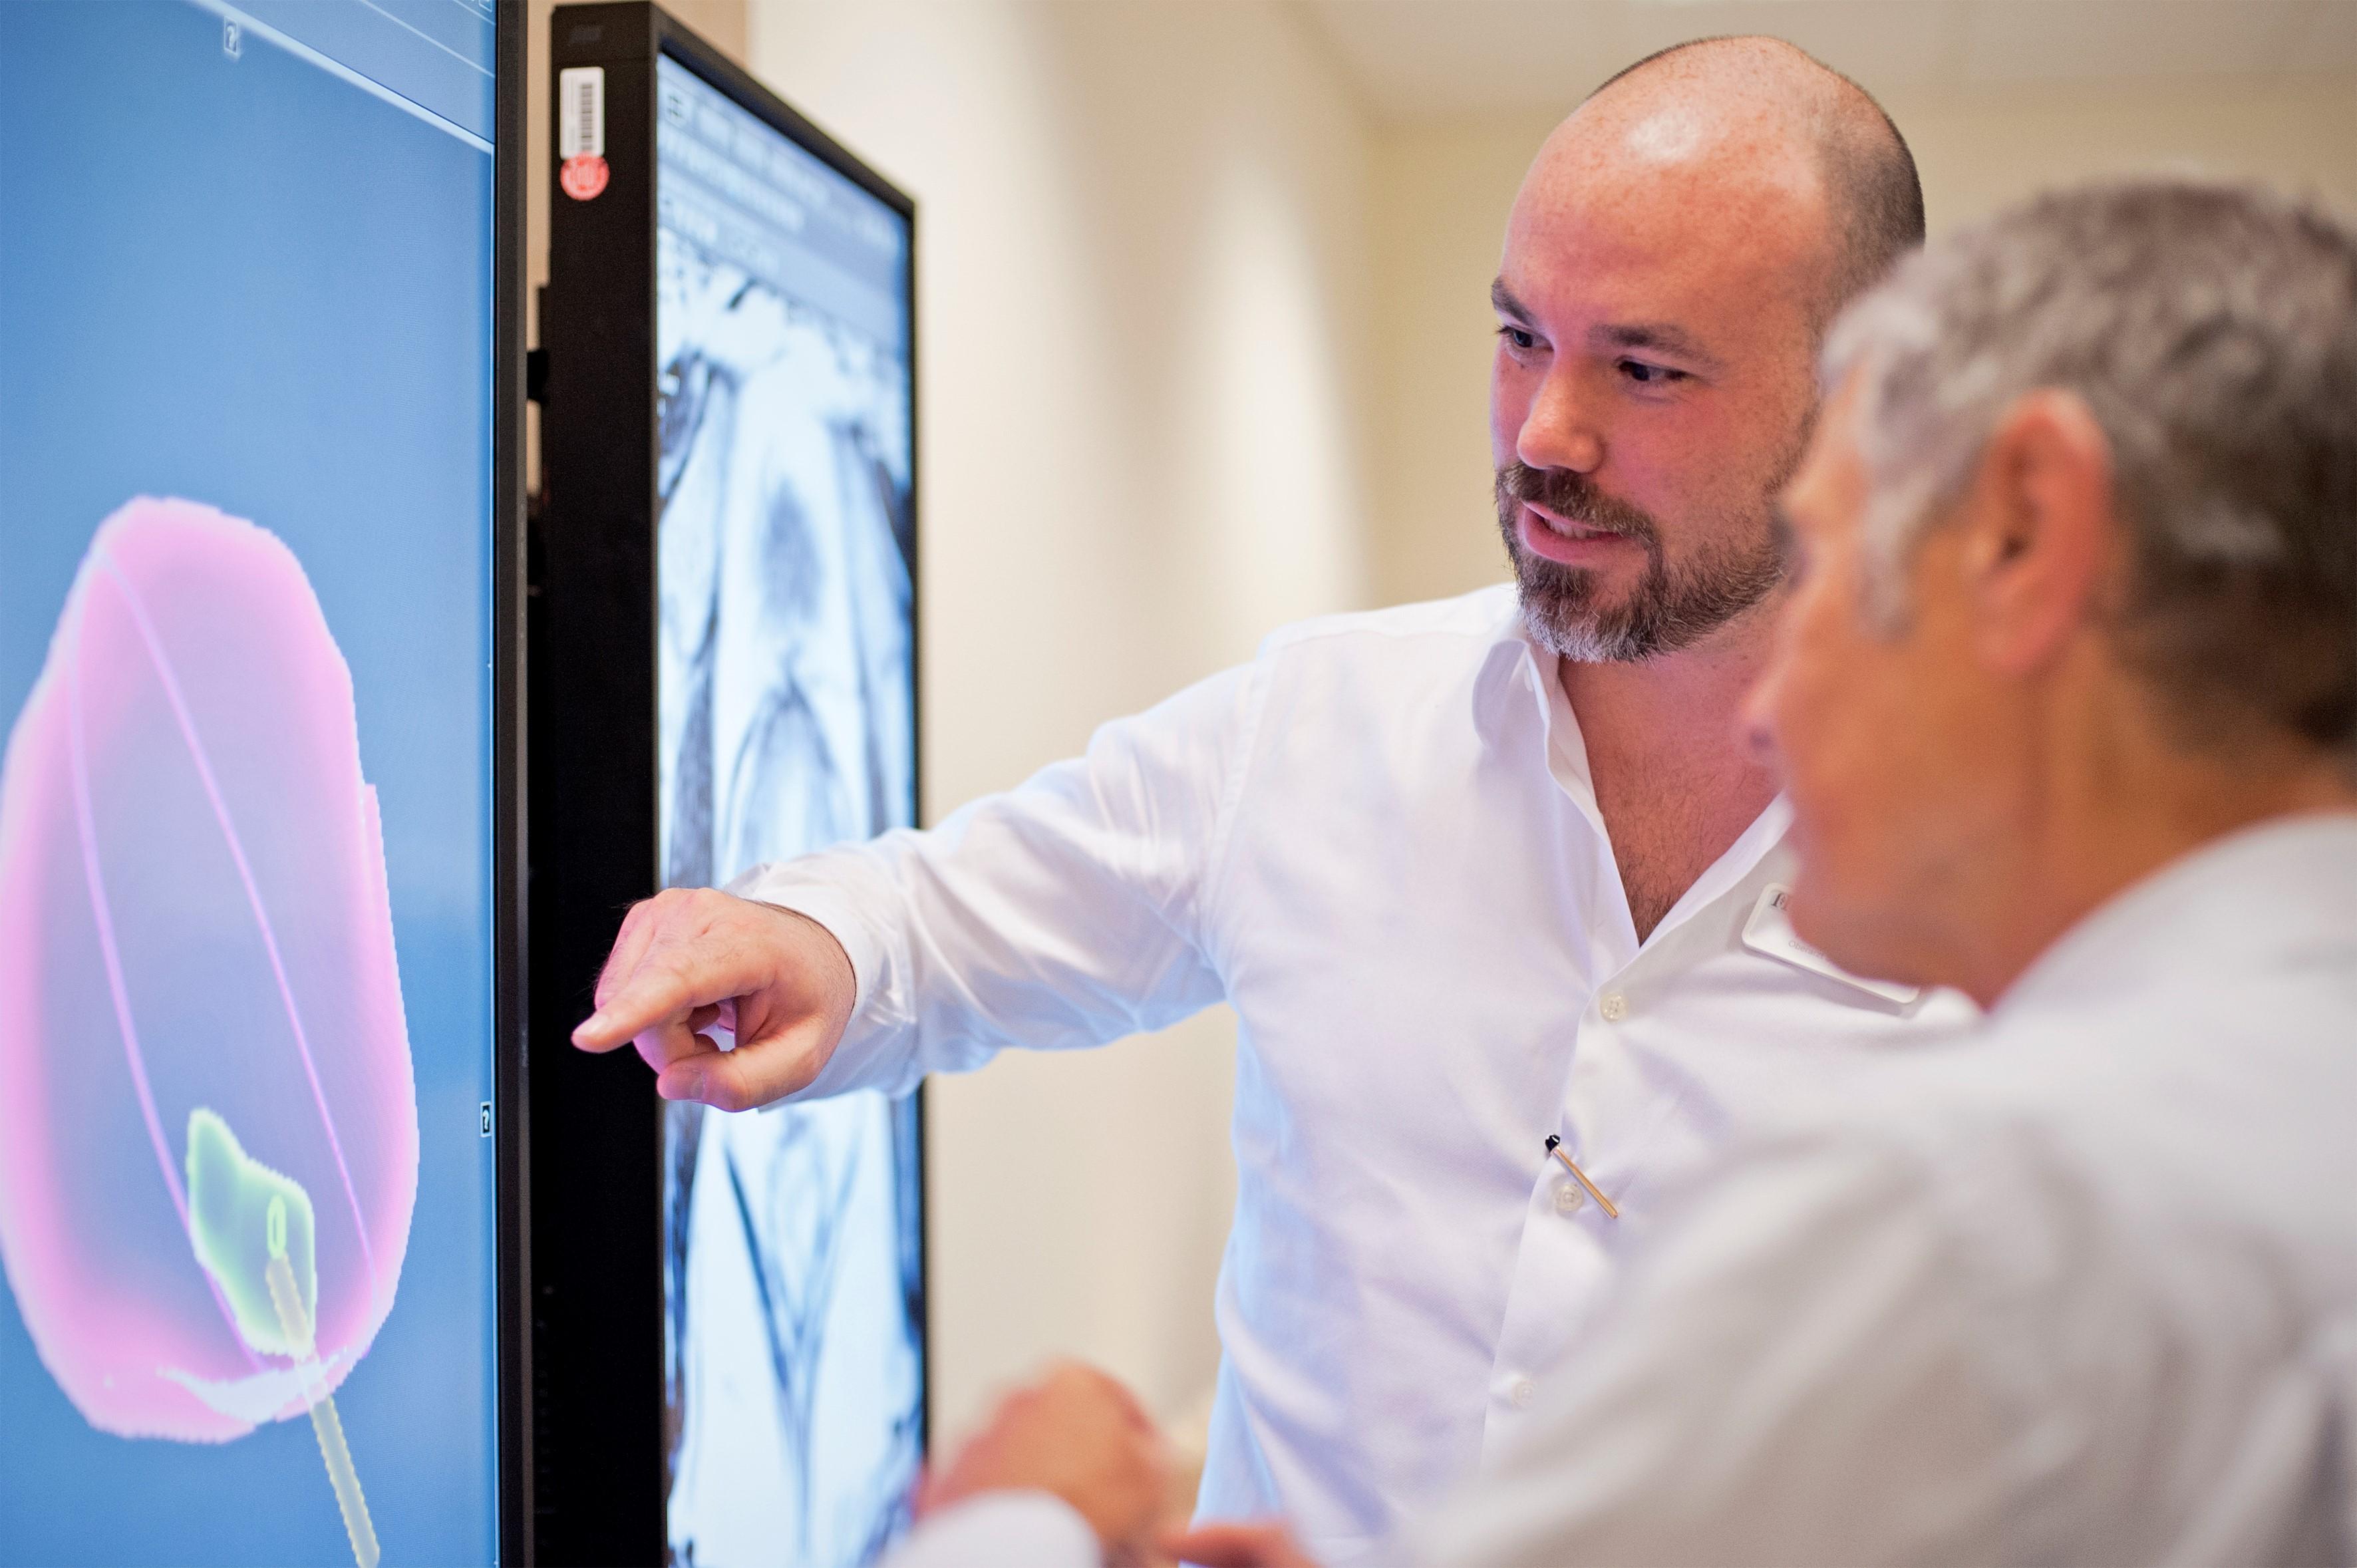 mrtbiopsie der prostata